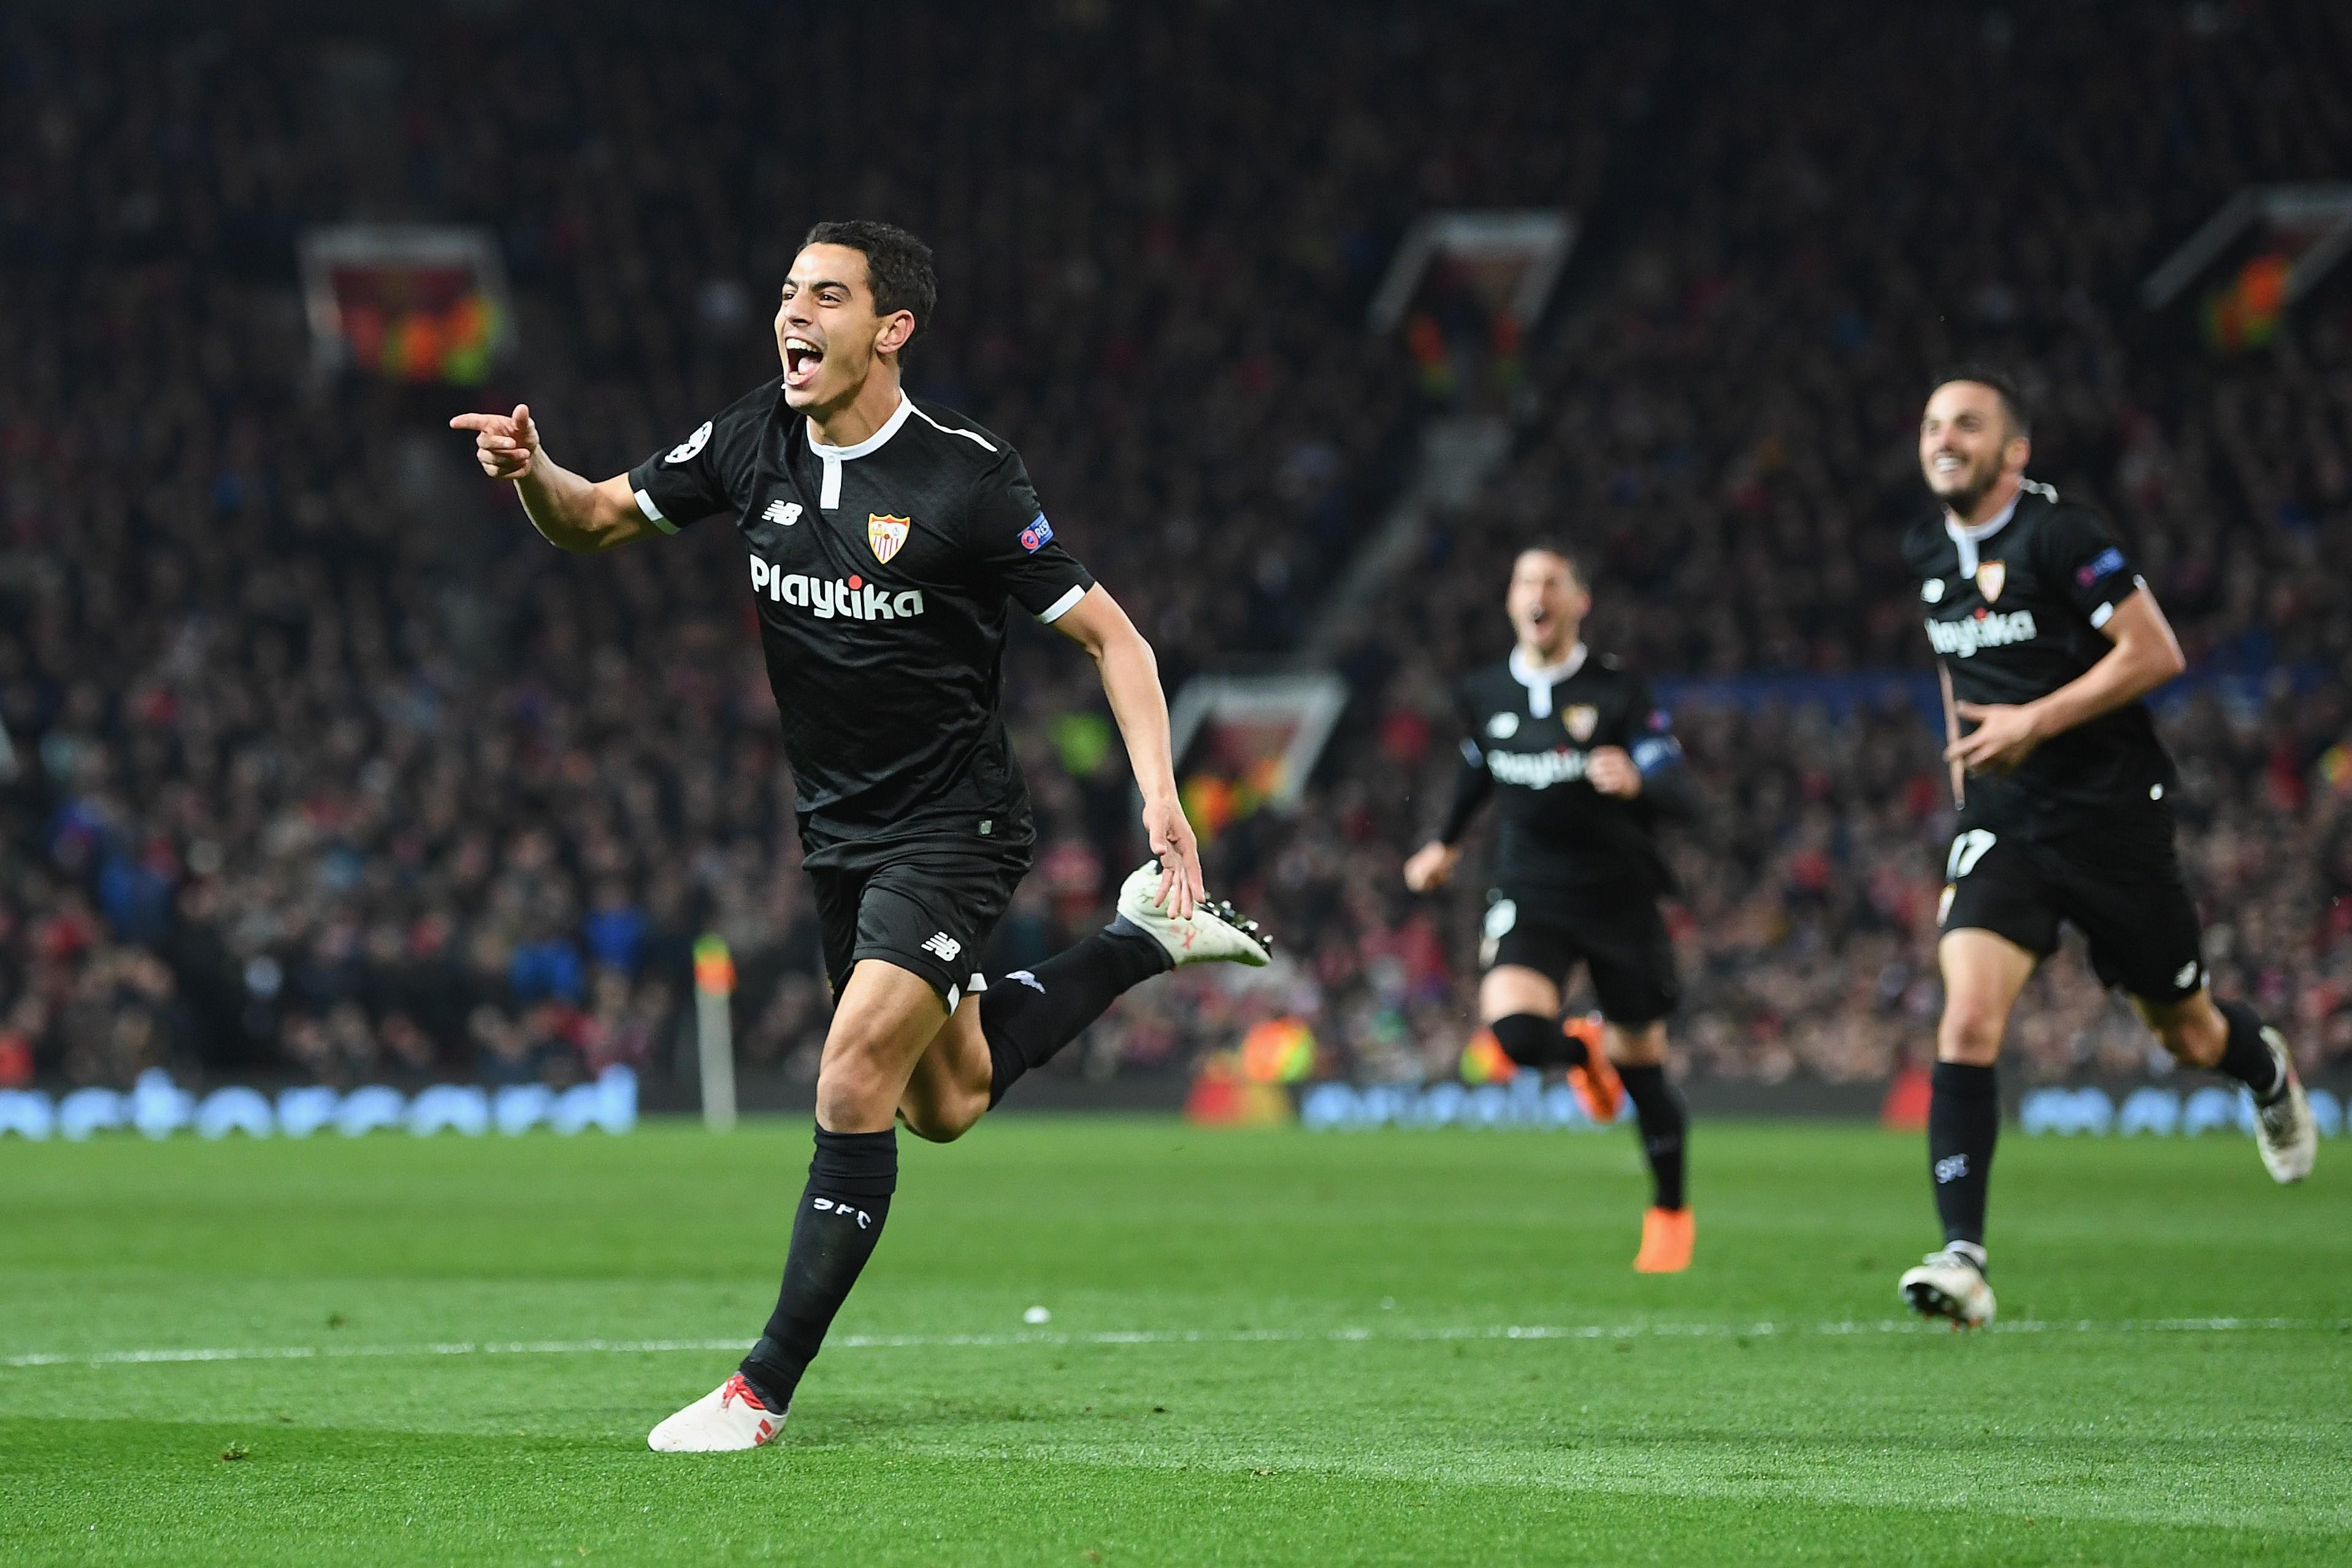 Wissam Ben Yedder buteur pour le FC Séville contre Manchester United en Ligue des champions le 13 mars 2018